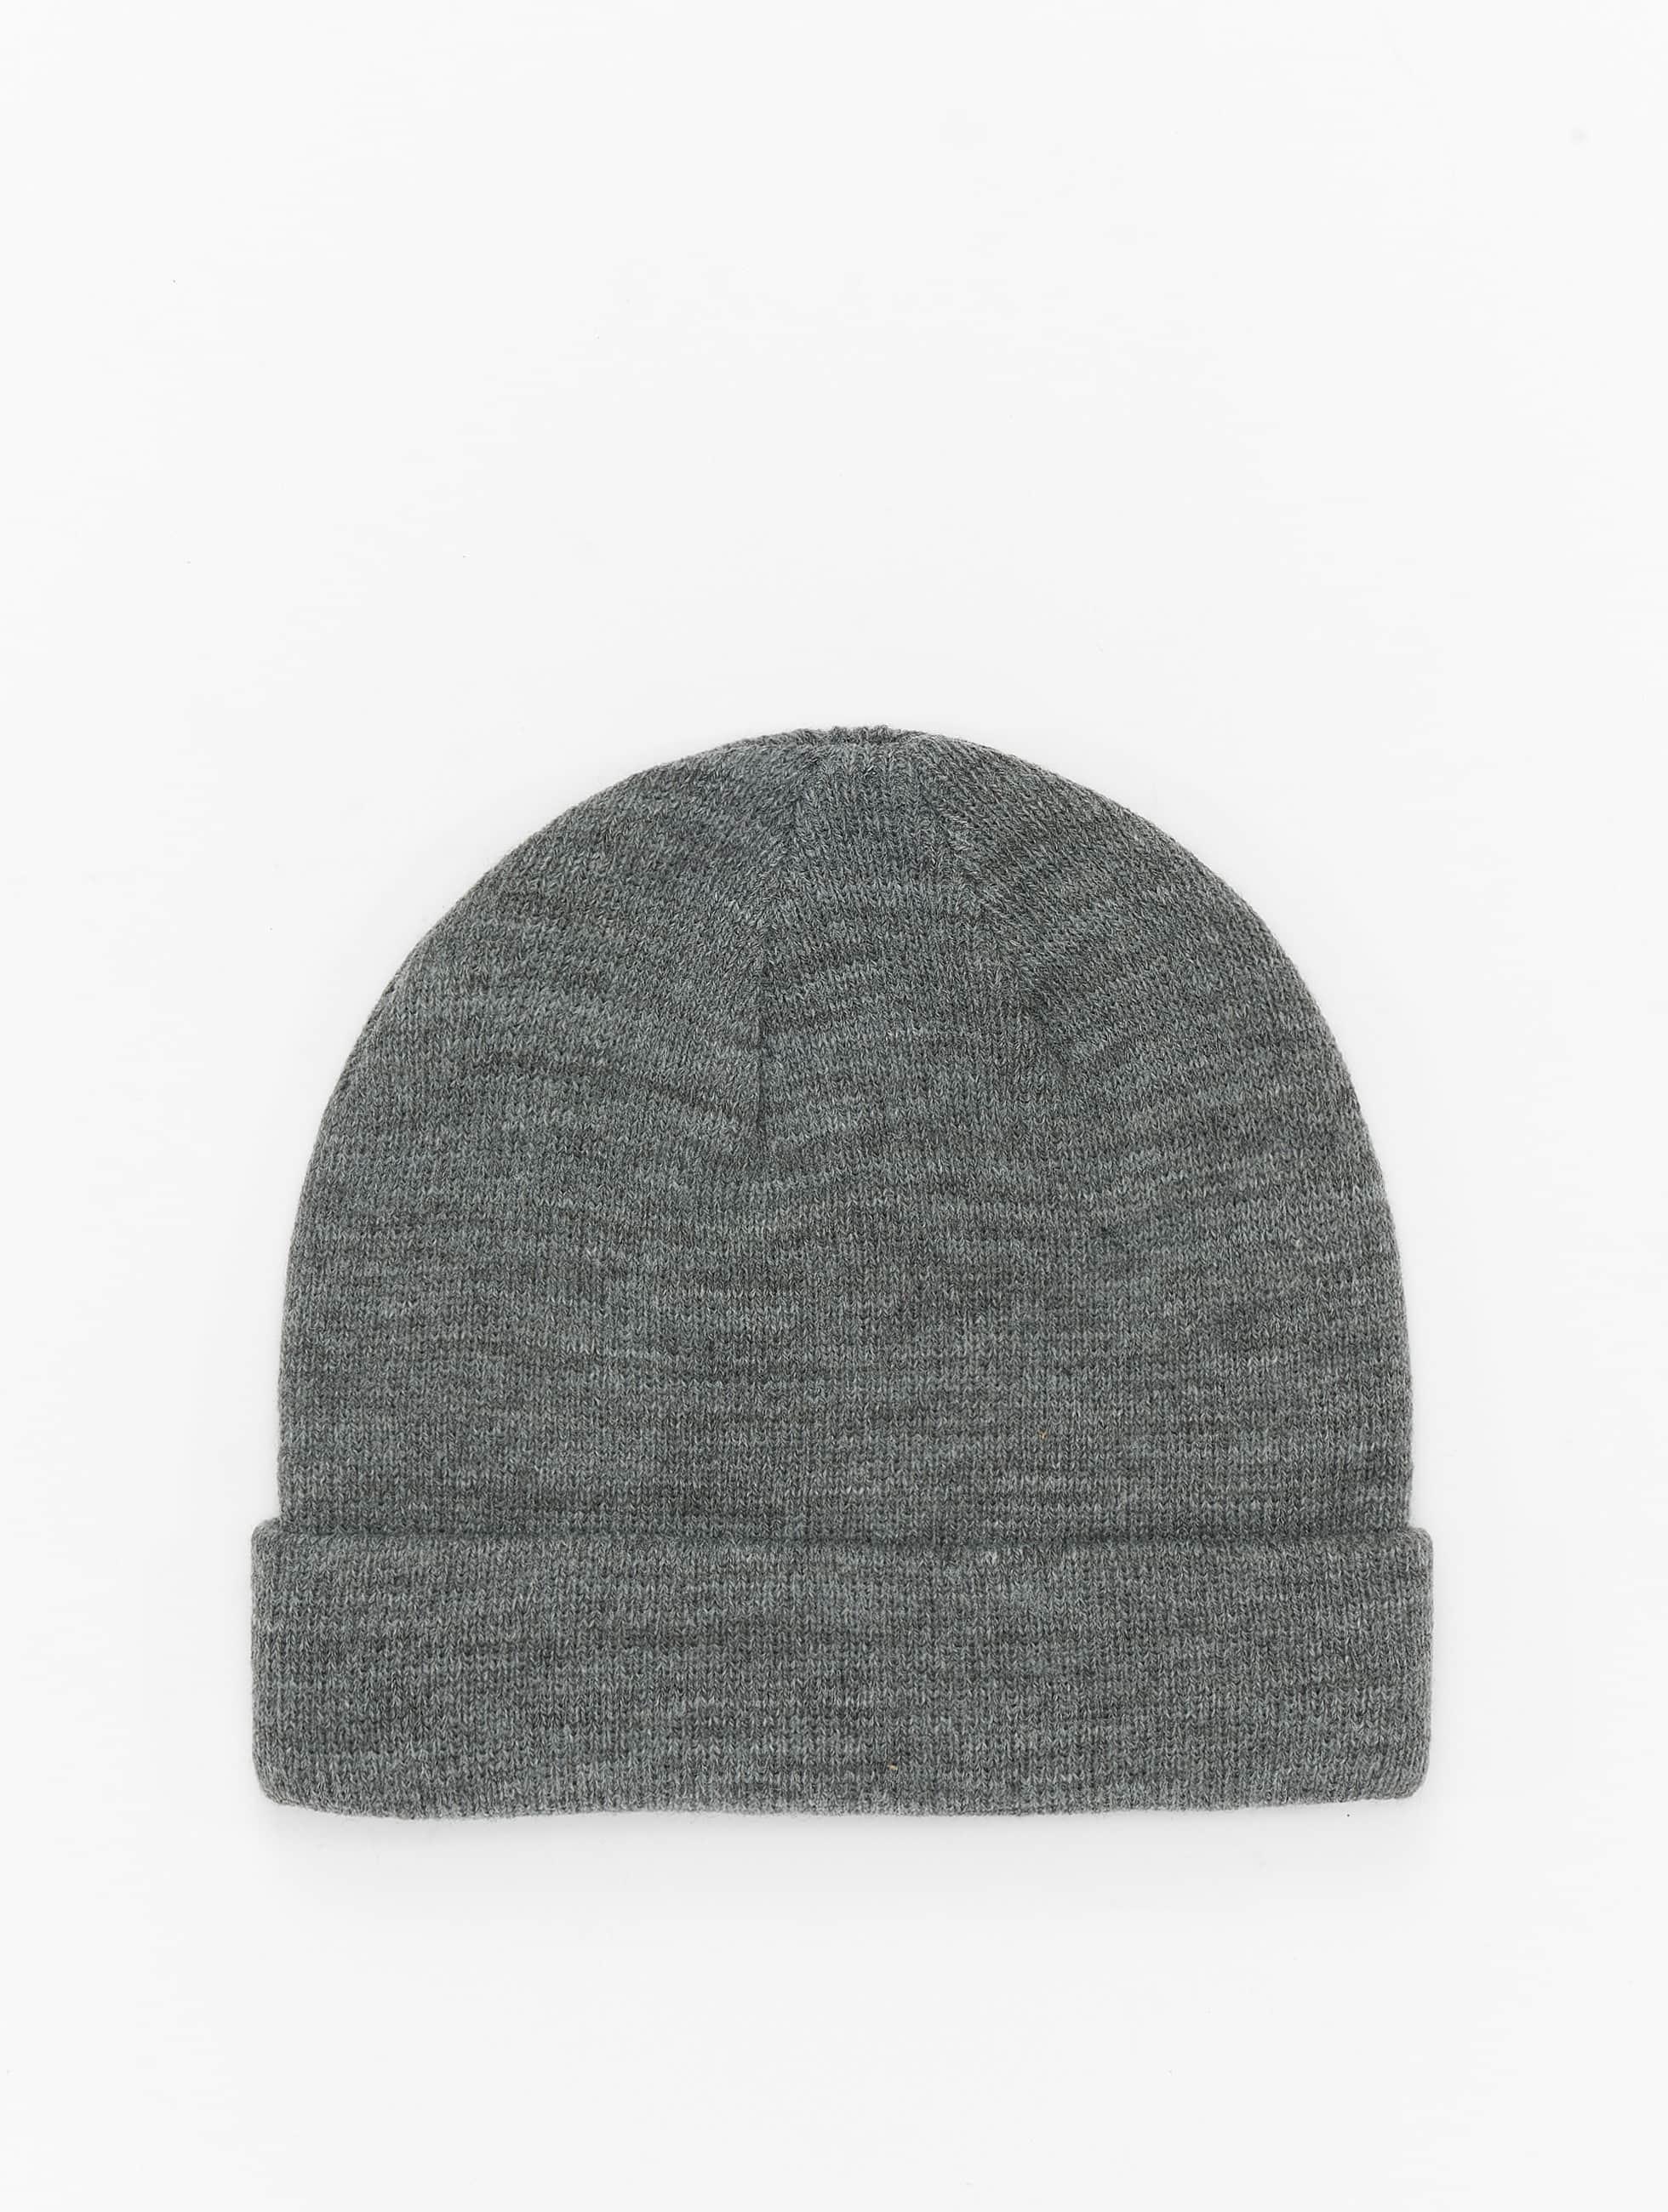 MSTRDS шляпа Short Cuff Knit серый